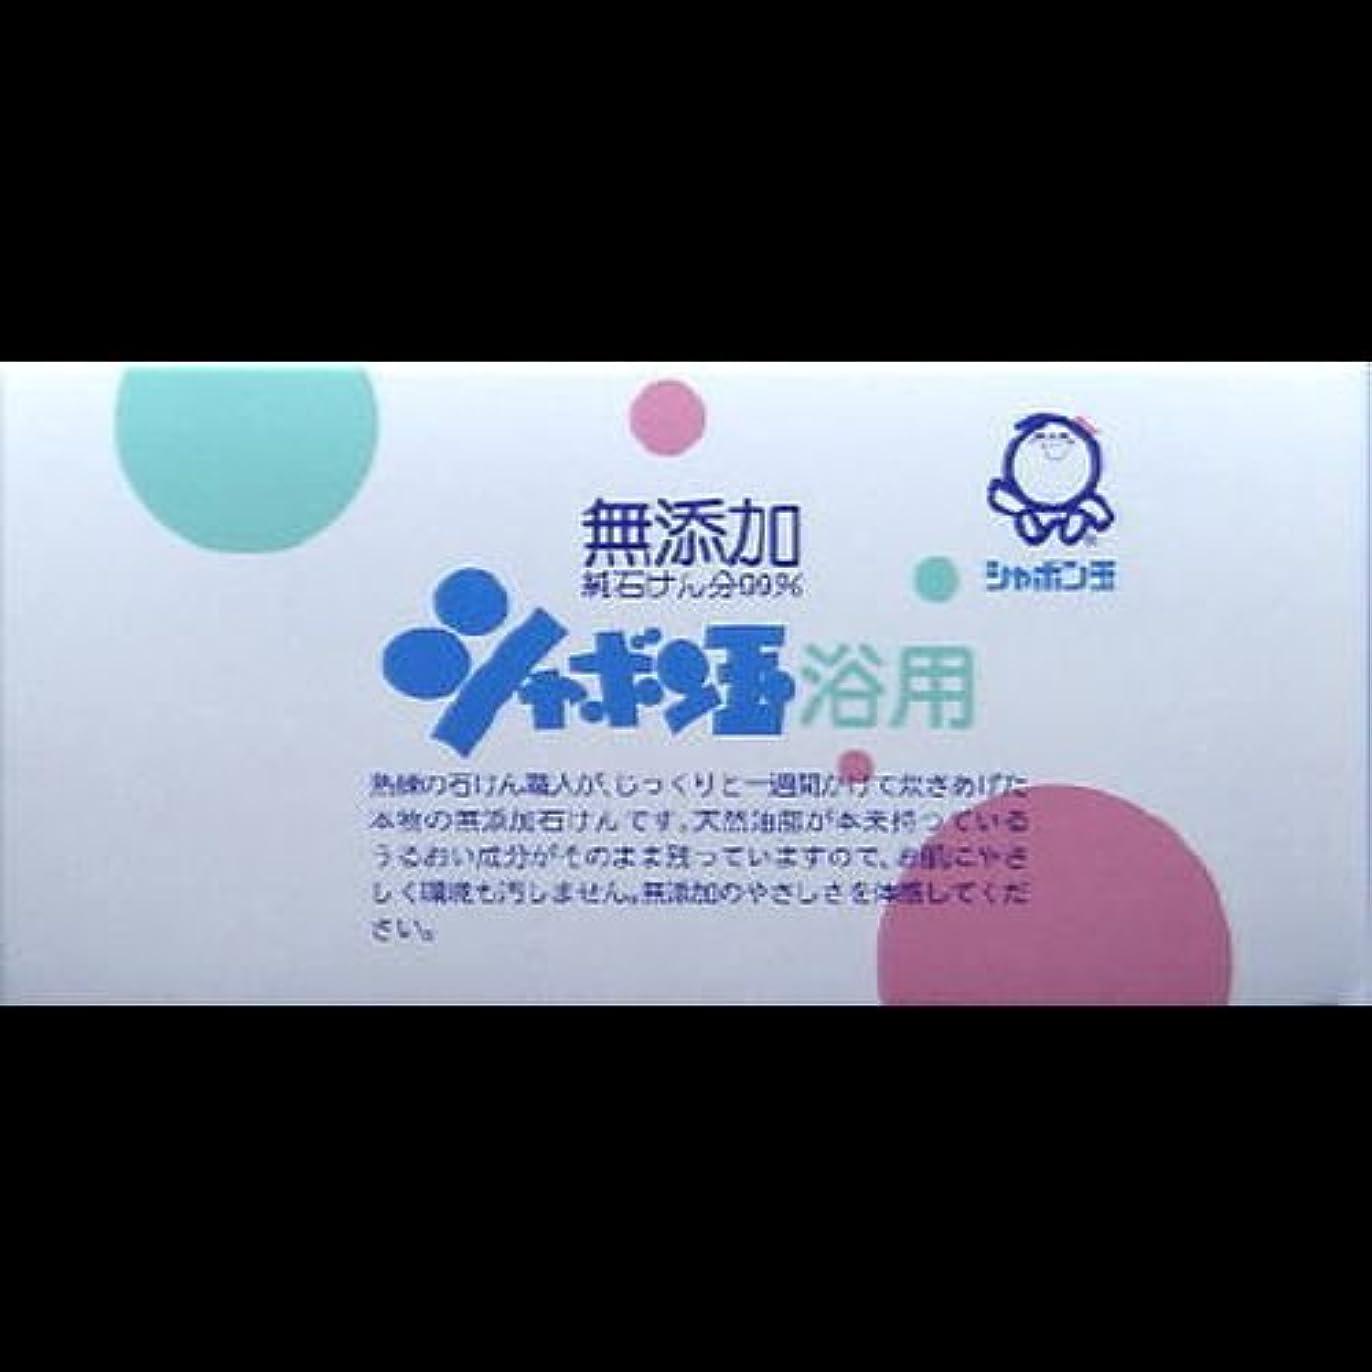 輪郭ペレグリネーションダム【まとめ買い】シャボン玉 浴用 100g*3個 ×2セット